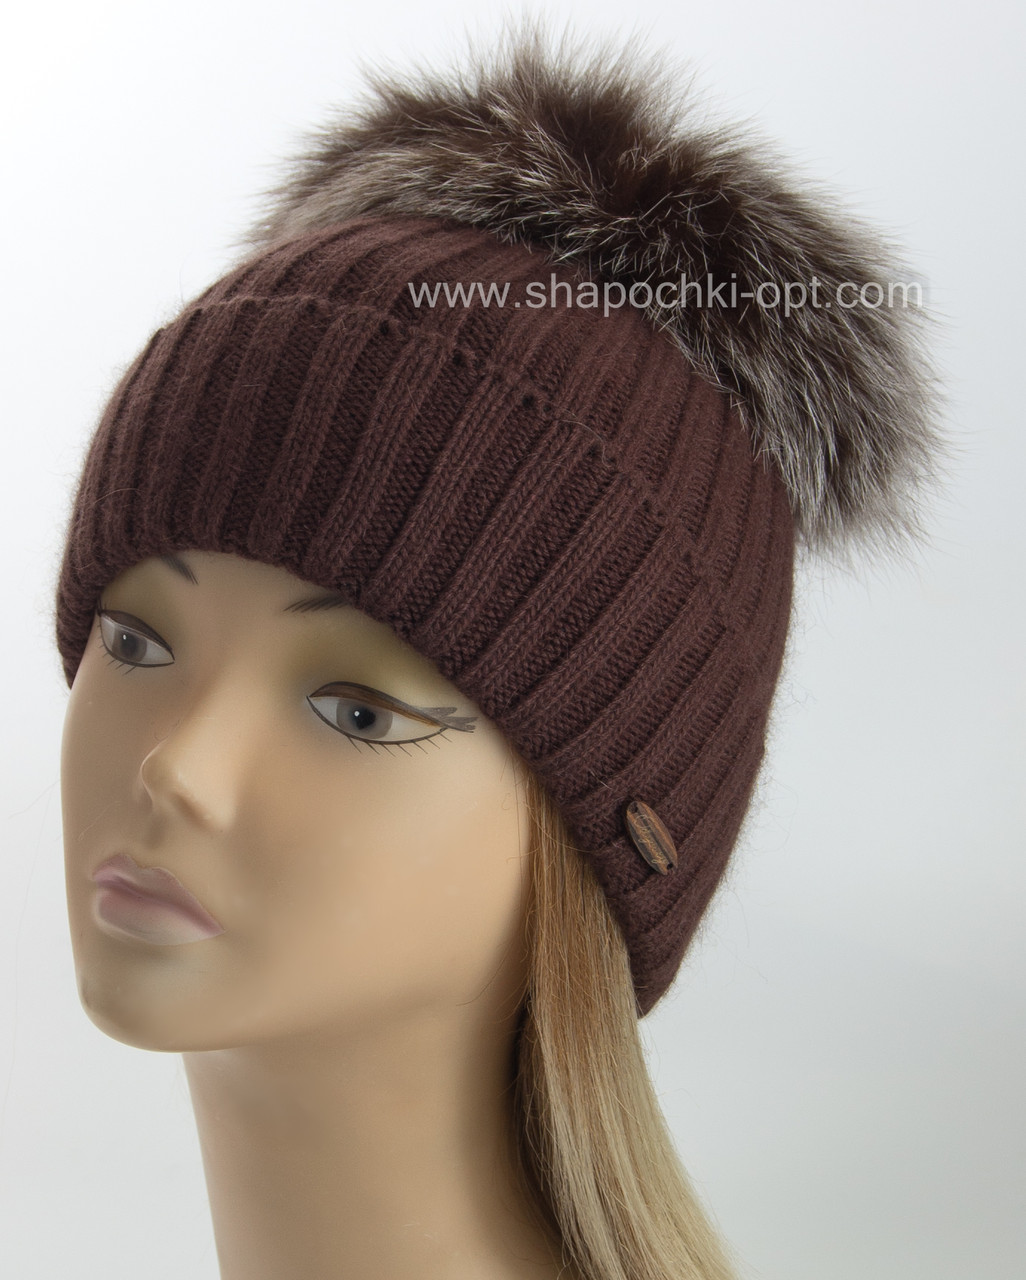 красивая вязаная шапка эскимо шоколадного цвета продажа цена в